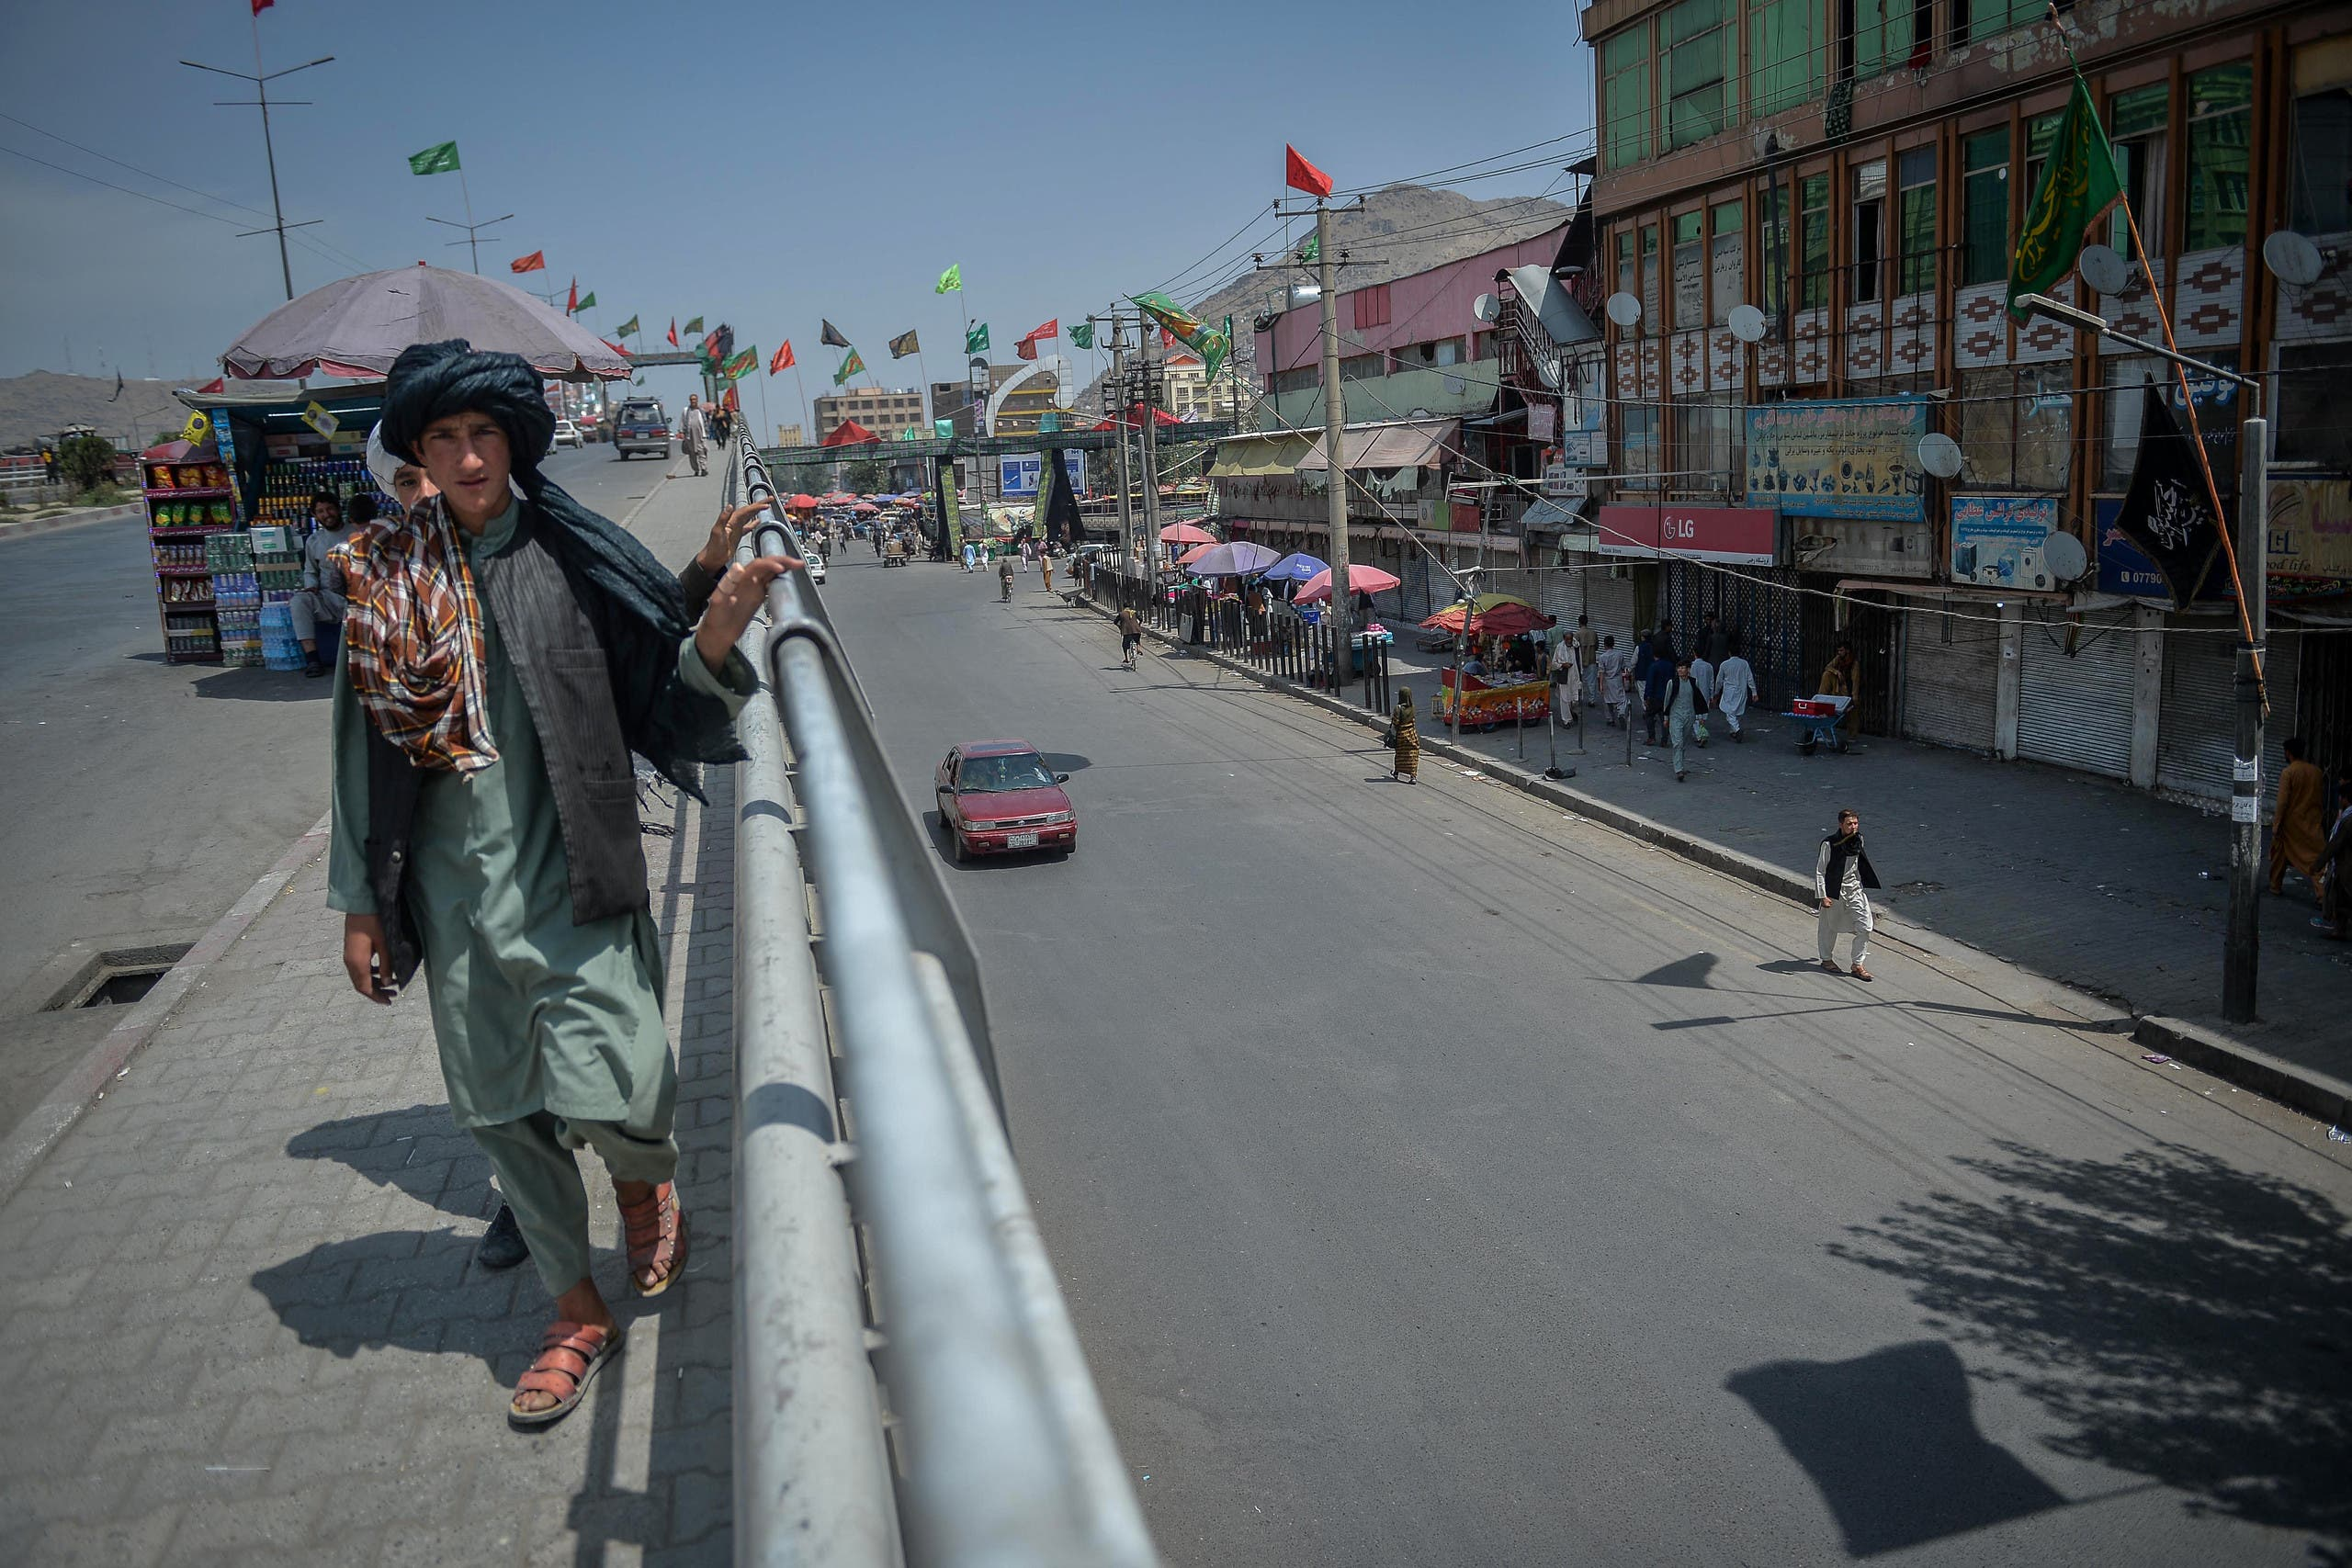 أسواق مغلقة في كابل اليوم